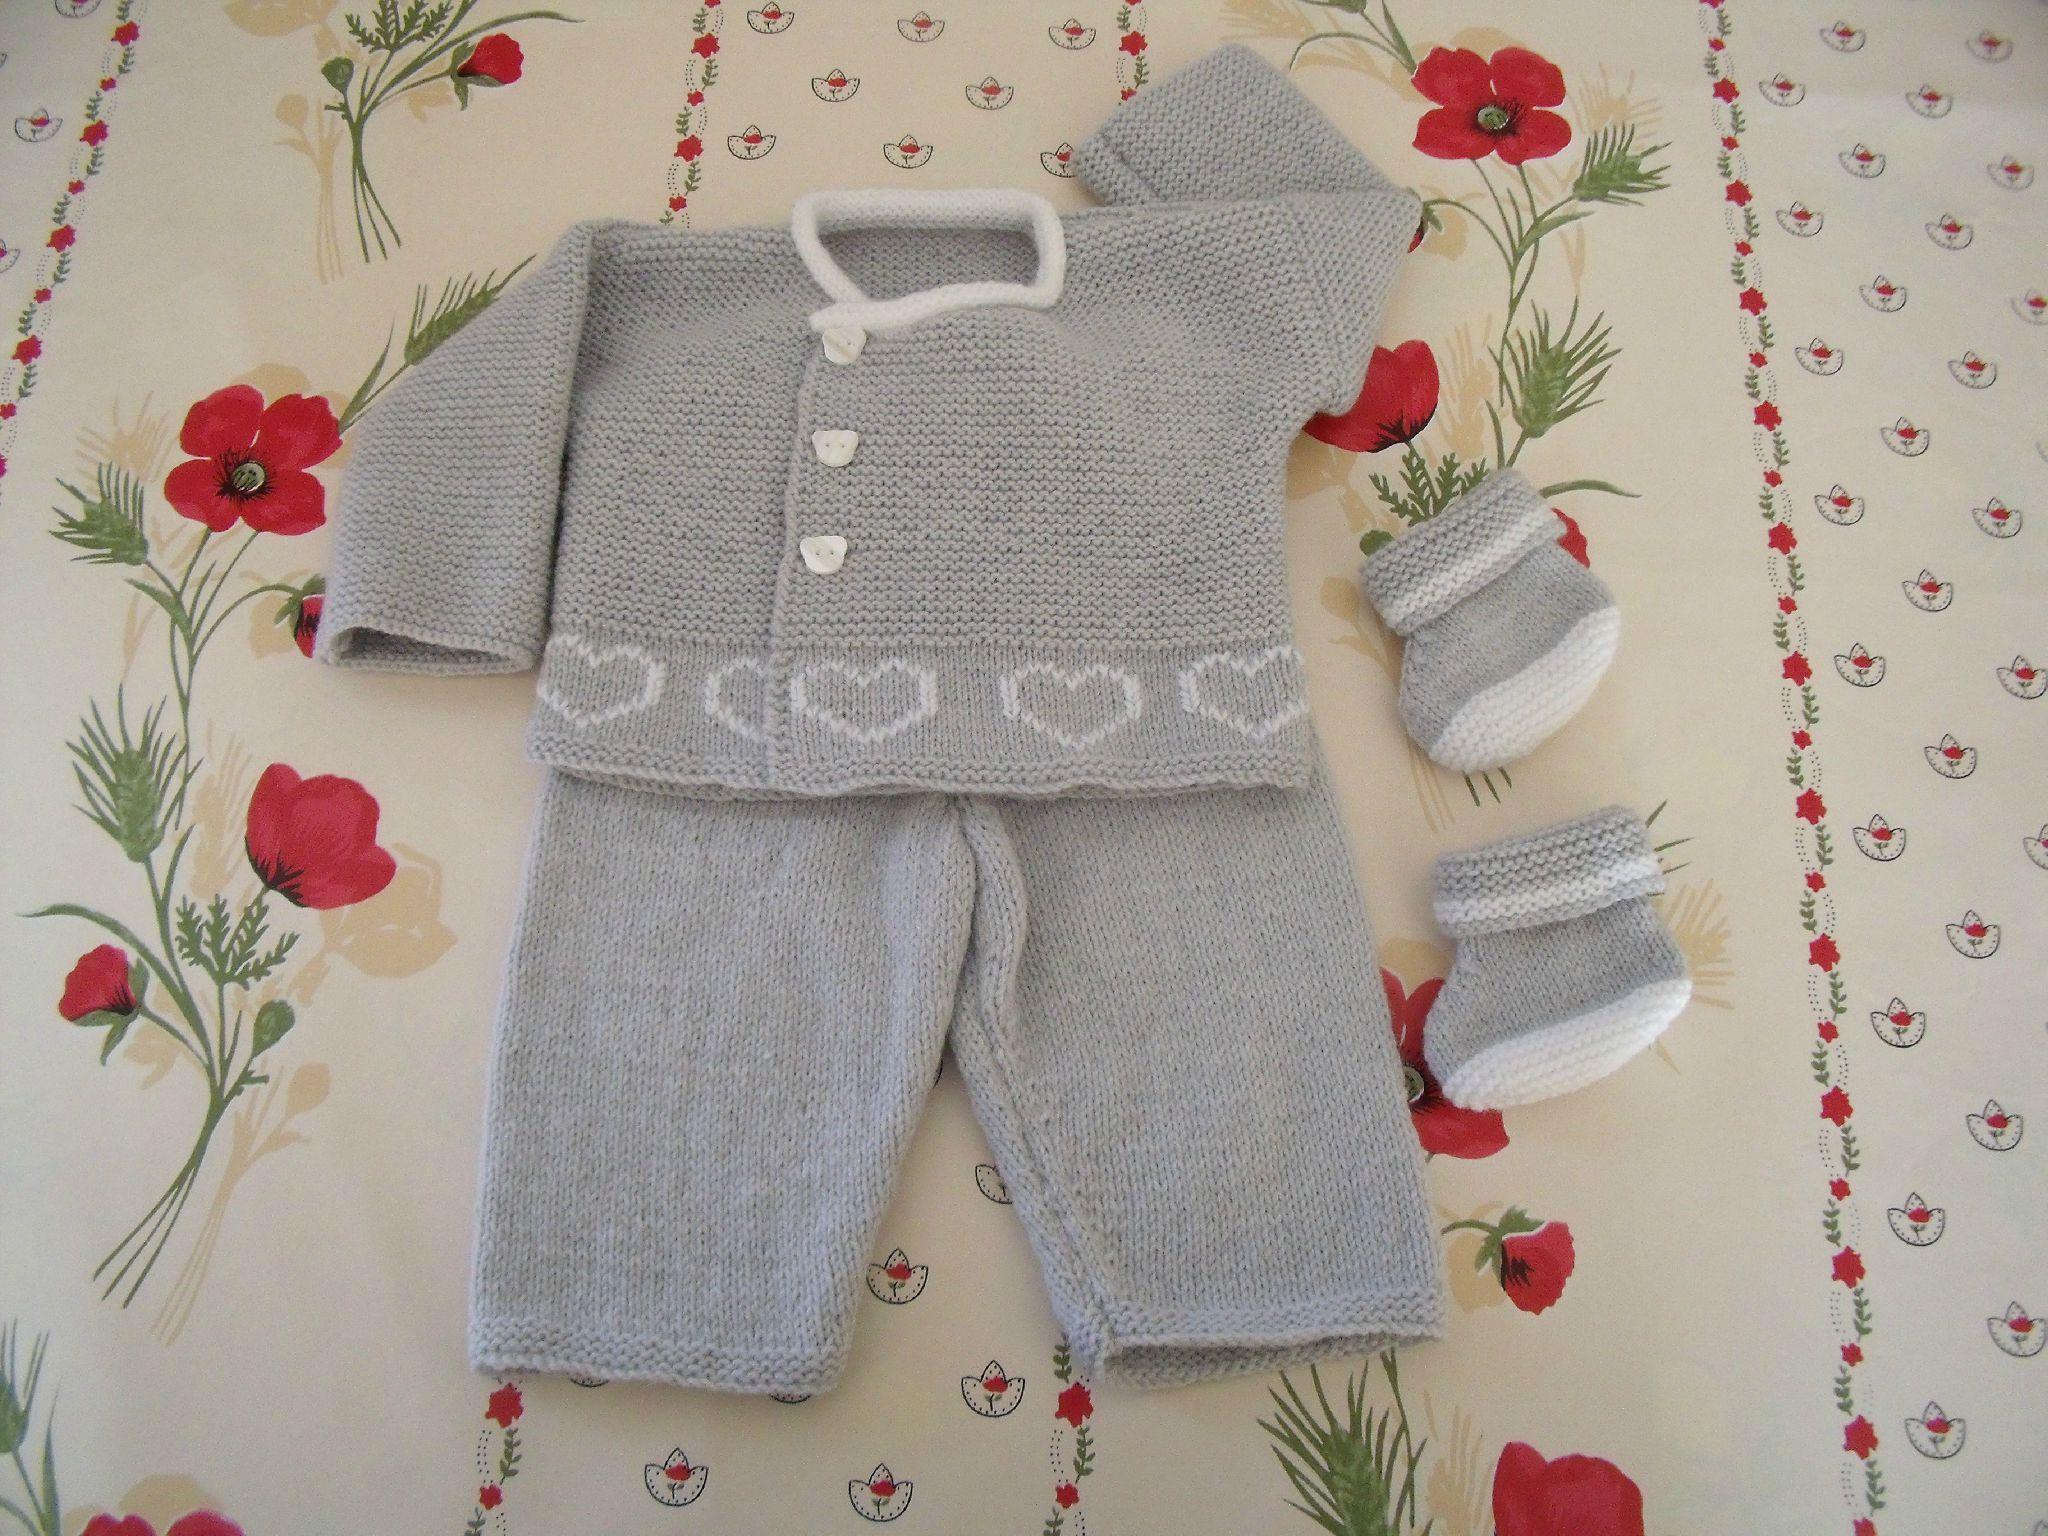 modele gratuit tricot layette prema   layette 456c944a741